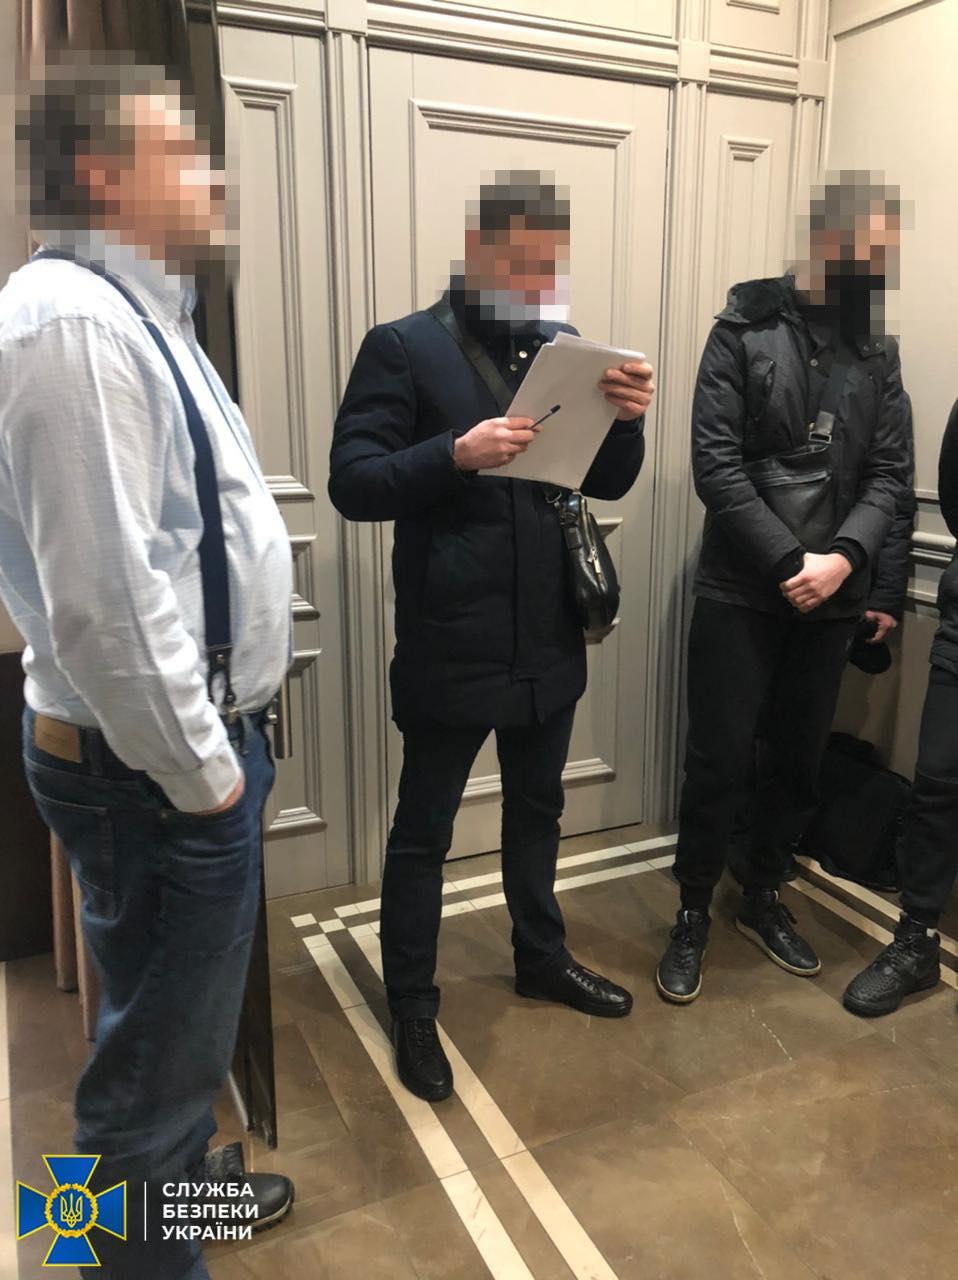 СБУ раскрыла схему по незаконной переправке моряков из Одессы в оккупированный Крым